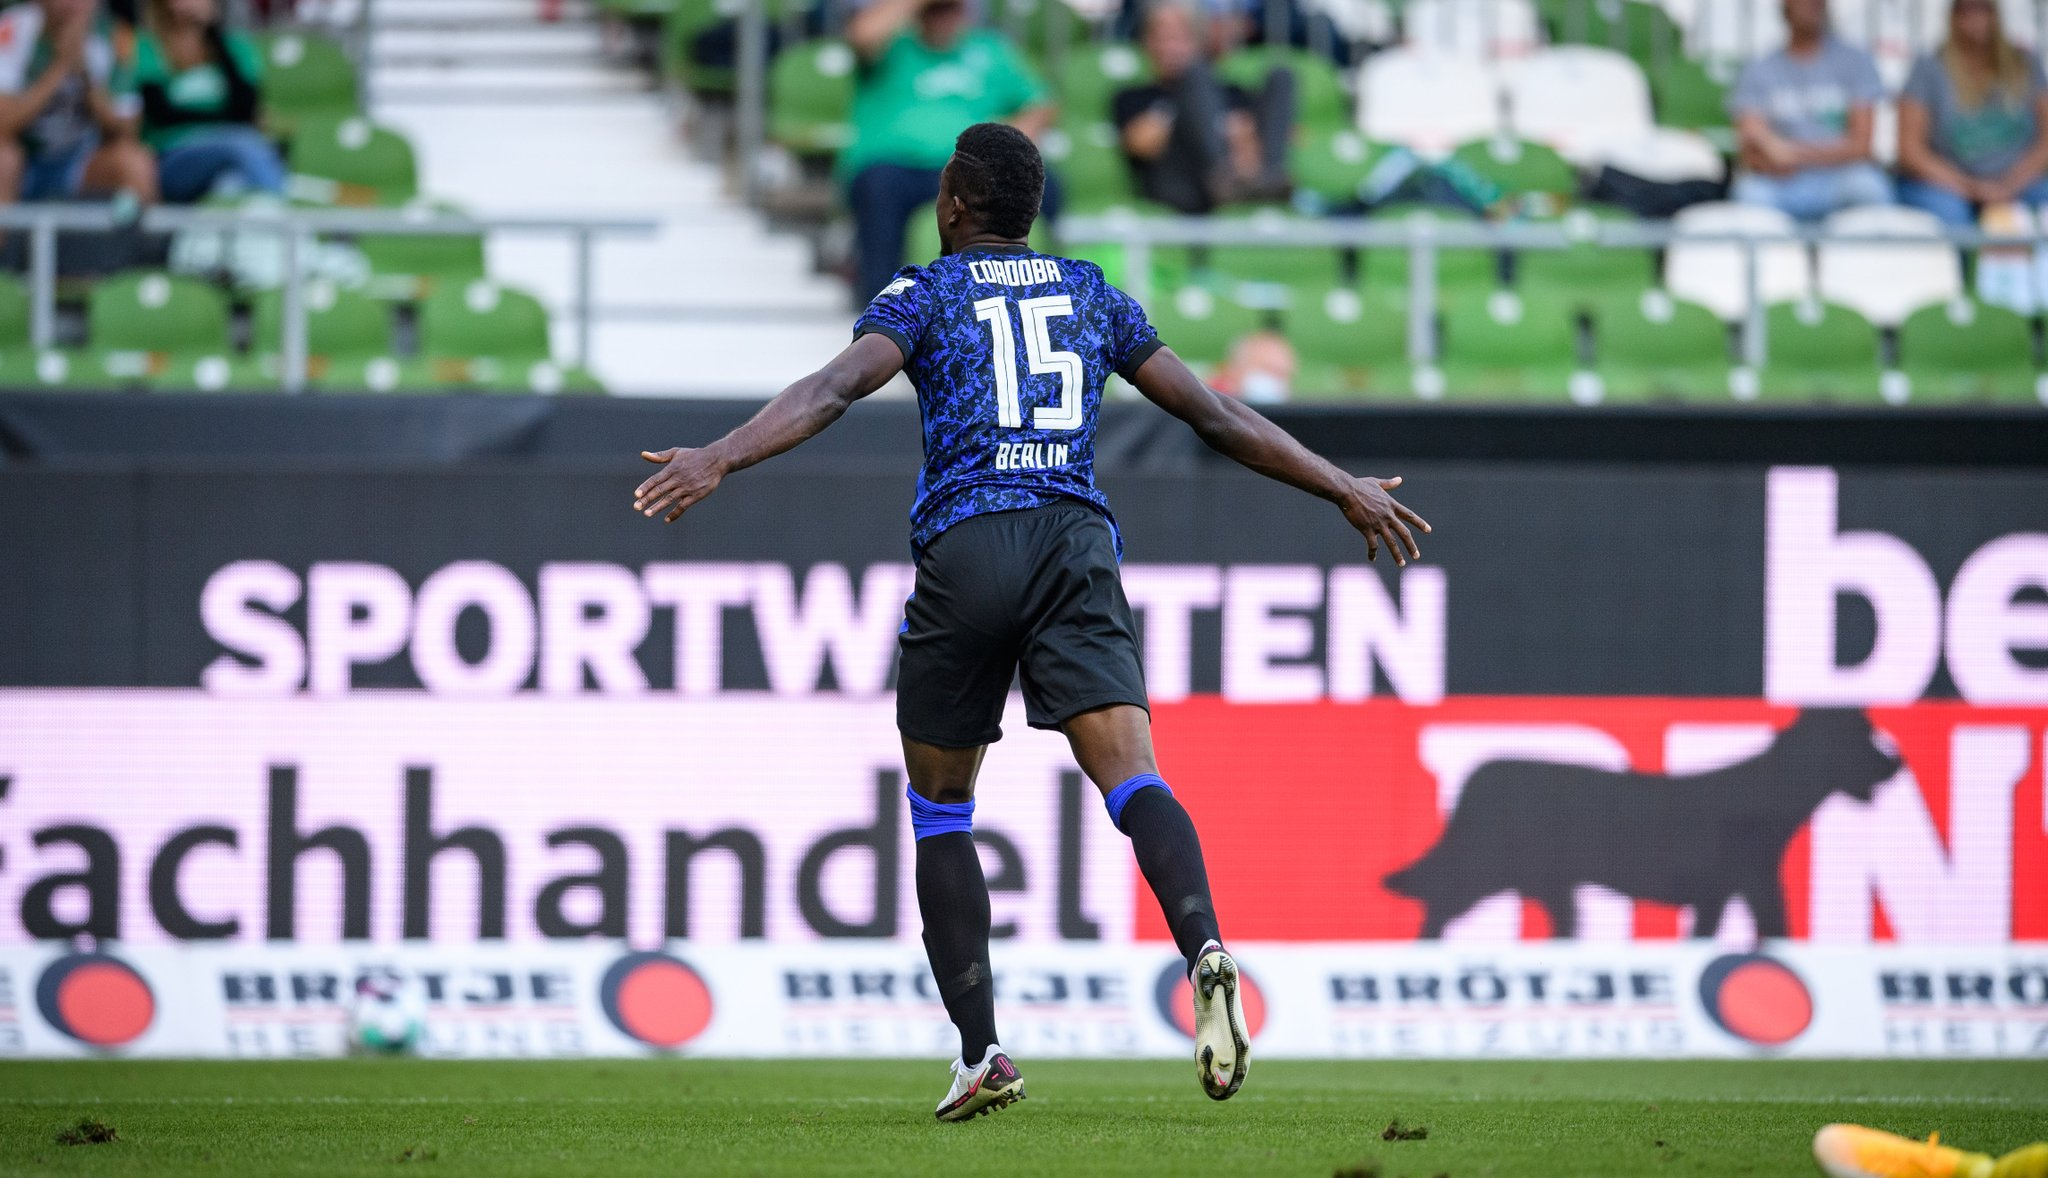 Fantasy Bundesliga 2020/21: Matchday 2